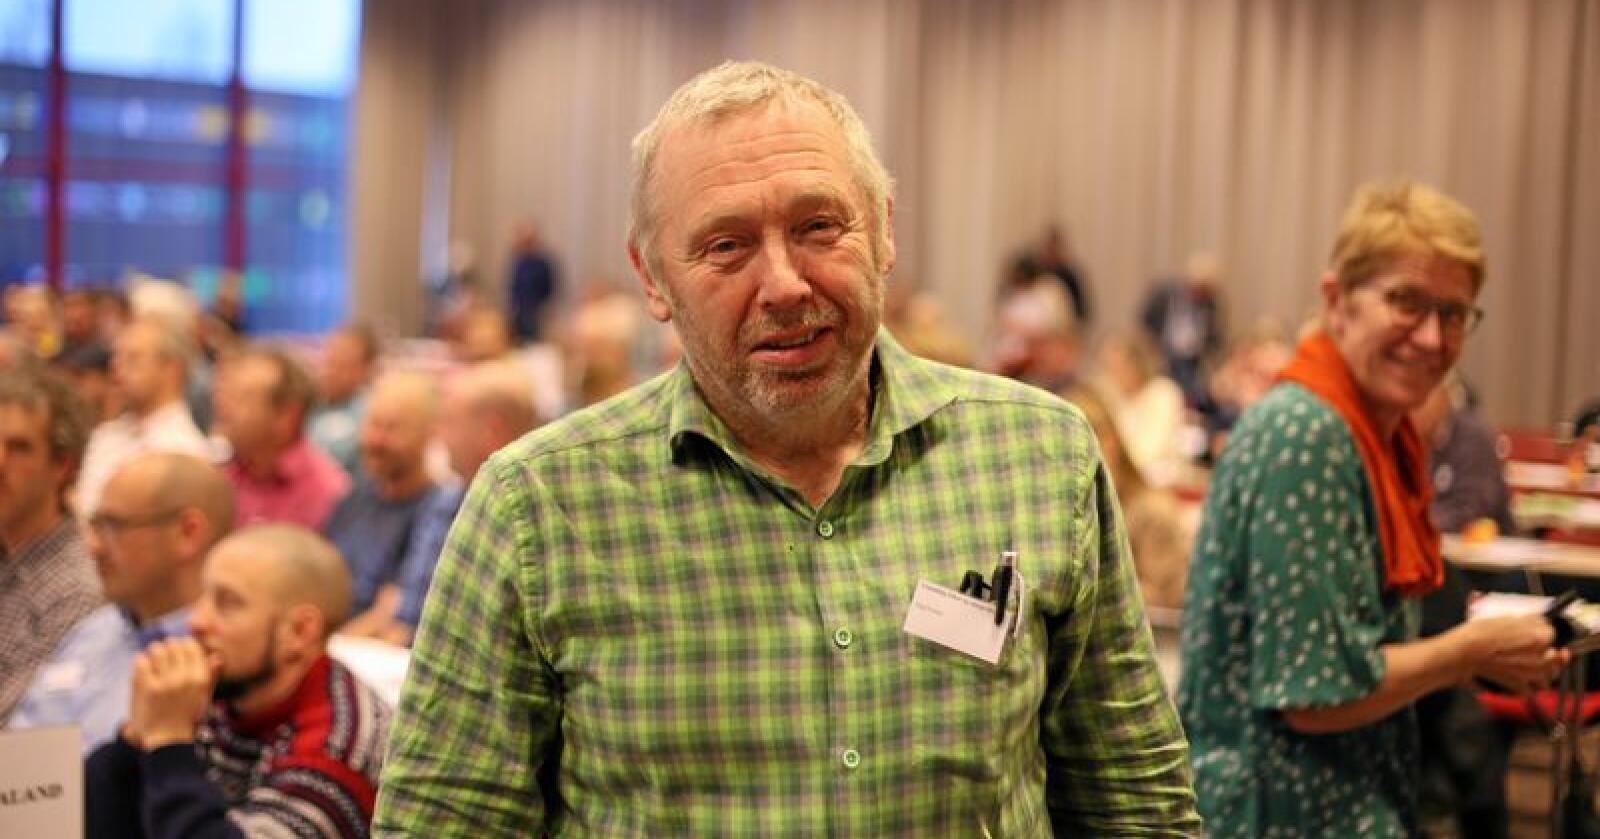 SV har, som eneste rødgrønne parti, levert et konkret forslag om en fireårig forpliktende opptrappingsplan i jordbruket, skriver Dag Fossen. (Foto: Michael Brøndbo)